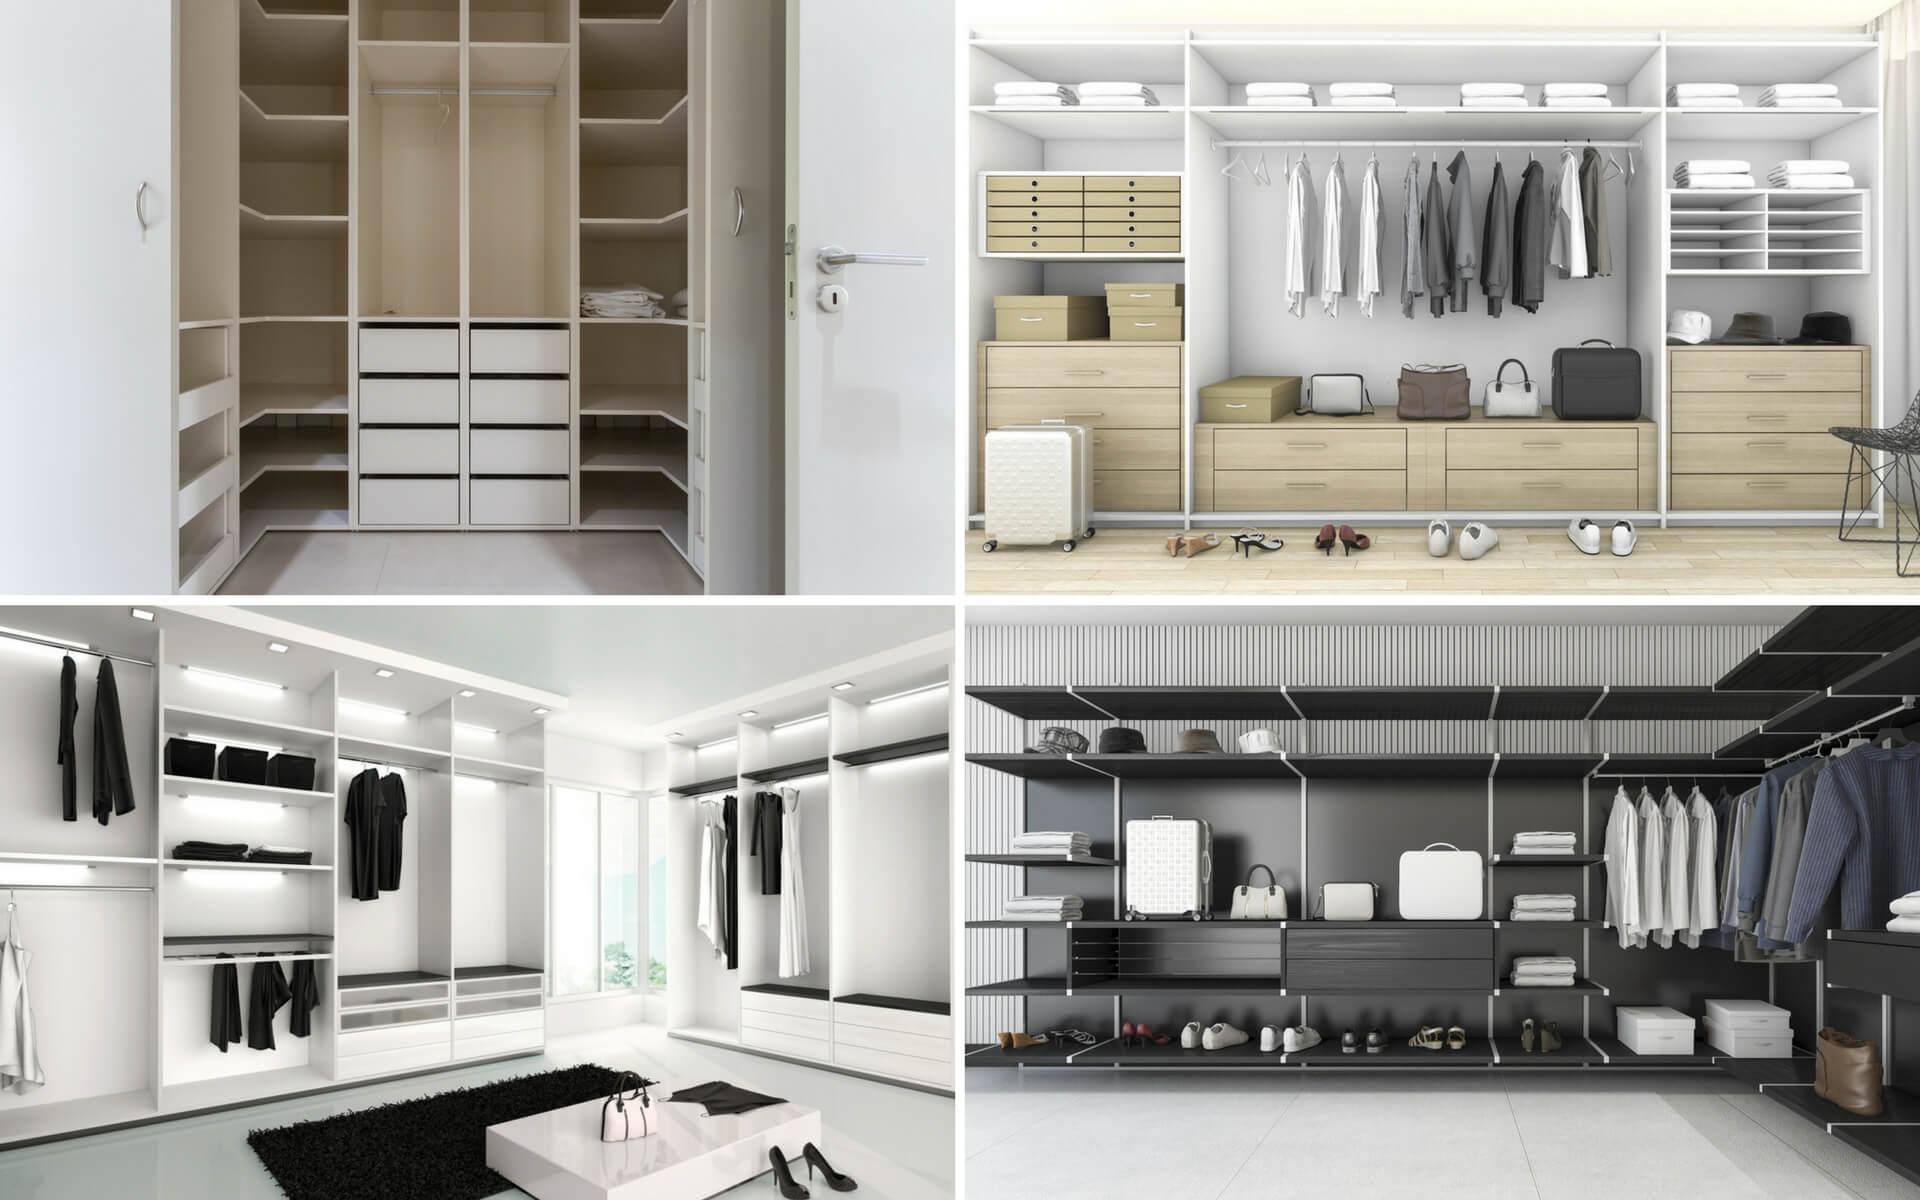 Come ricavare e organizzare una cabina armadio in casa - Cabina armadio dietro al letto ...